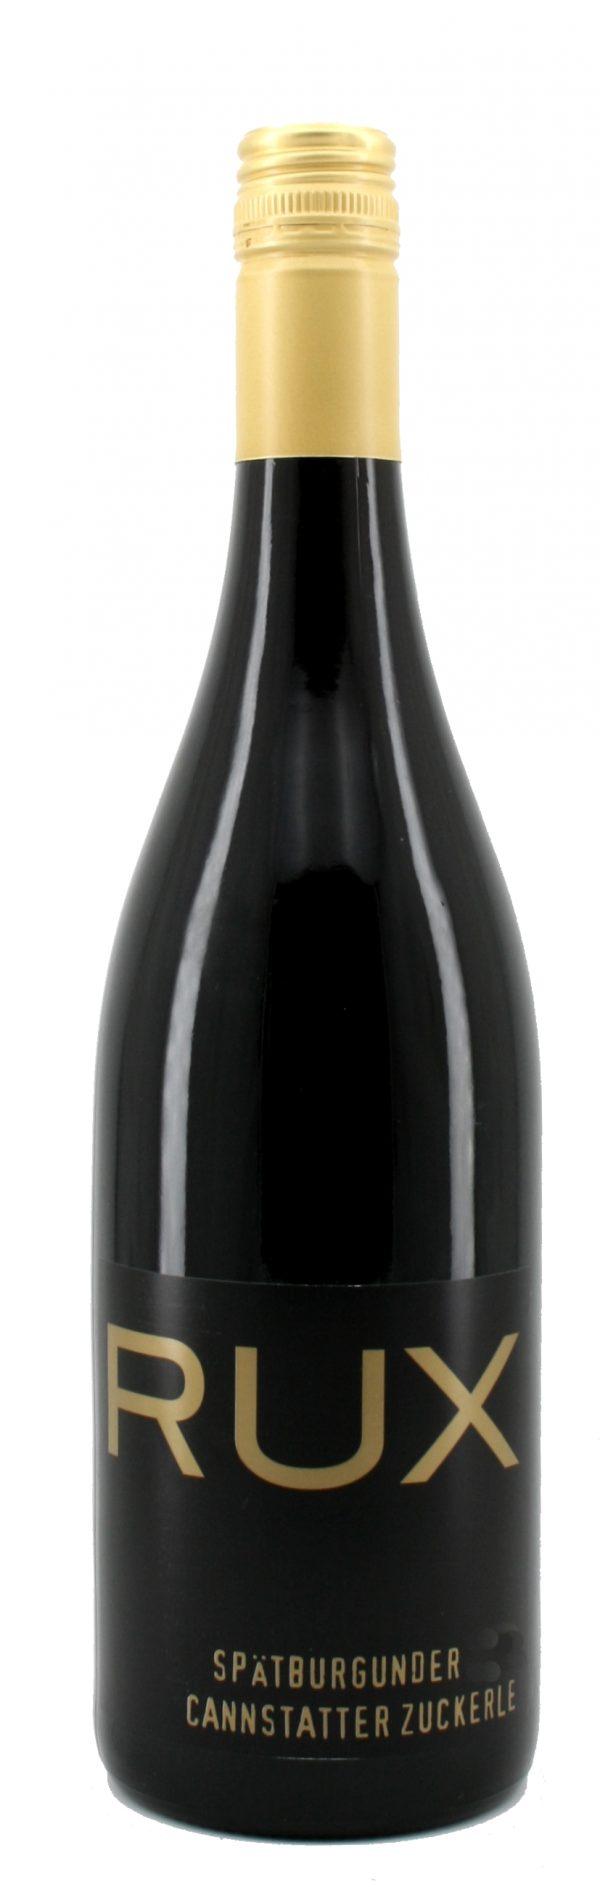 Cannstatter Zuckerle Spätburgunder Qualitätswein trocken 2016